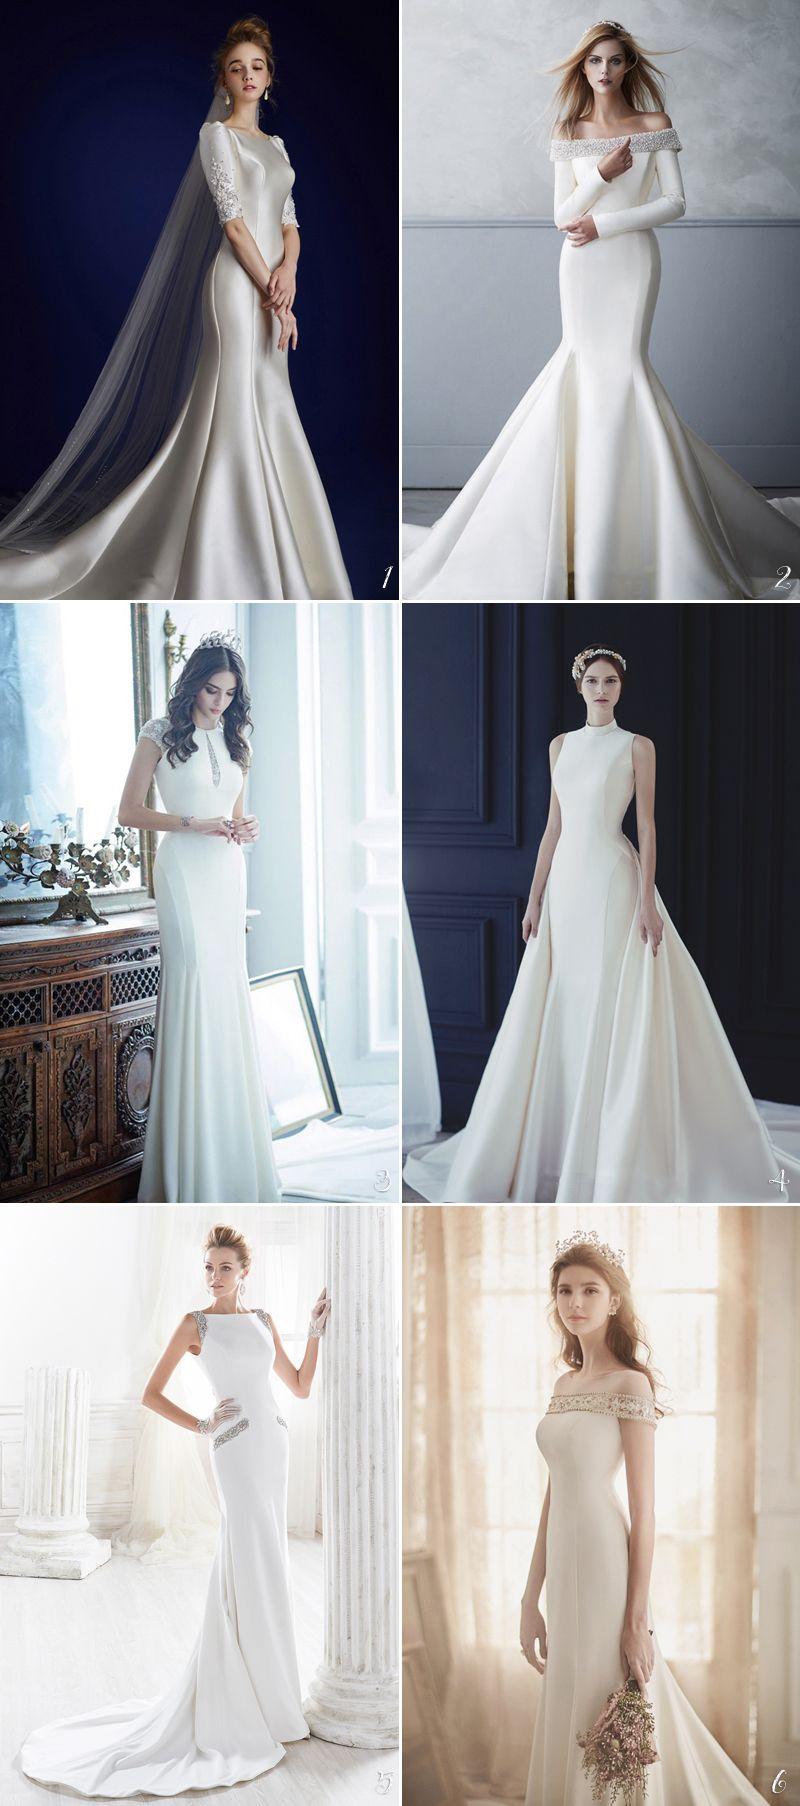 30 Timelessly Elegant Structured Wedding Dresses You Will Fall In Love With Structured Wedding Dresses Simple Wedding Gowns Timeless Wedding Dress [ 1806 x 800 Pixel ]